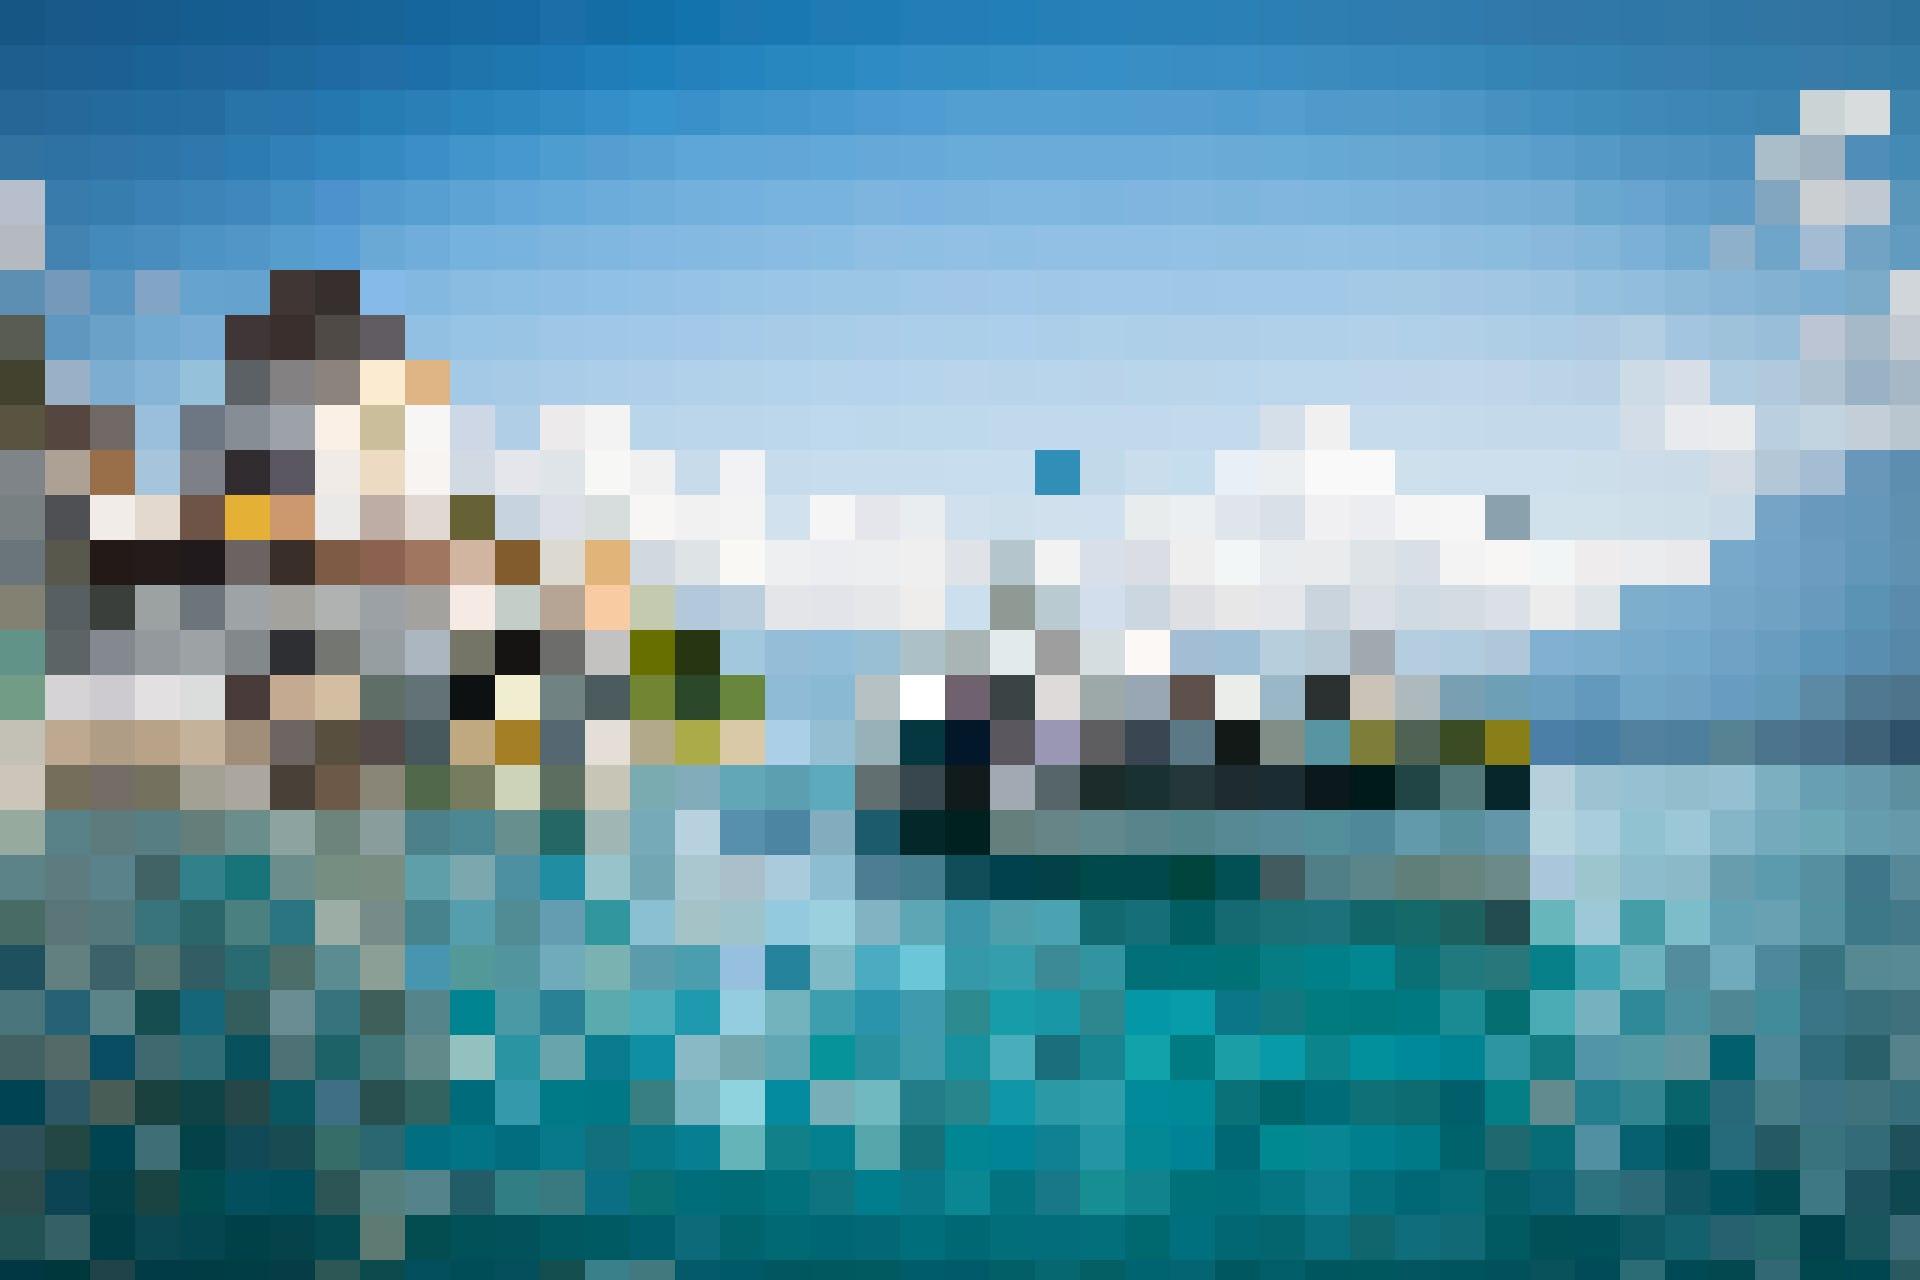 Des paysages enchanteurs: Thoune, sur la terre et sur l'eau.